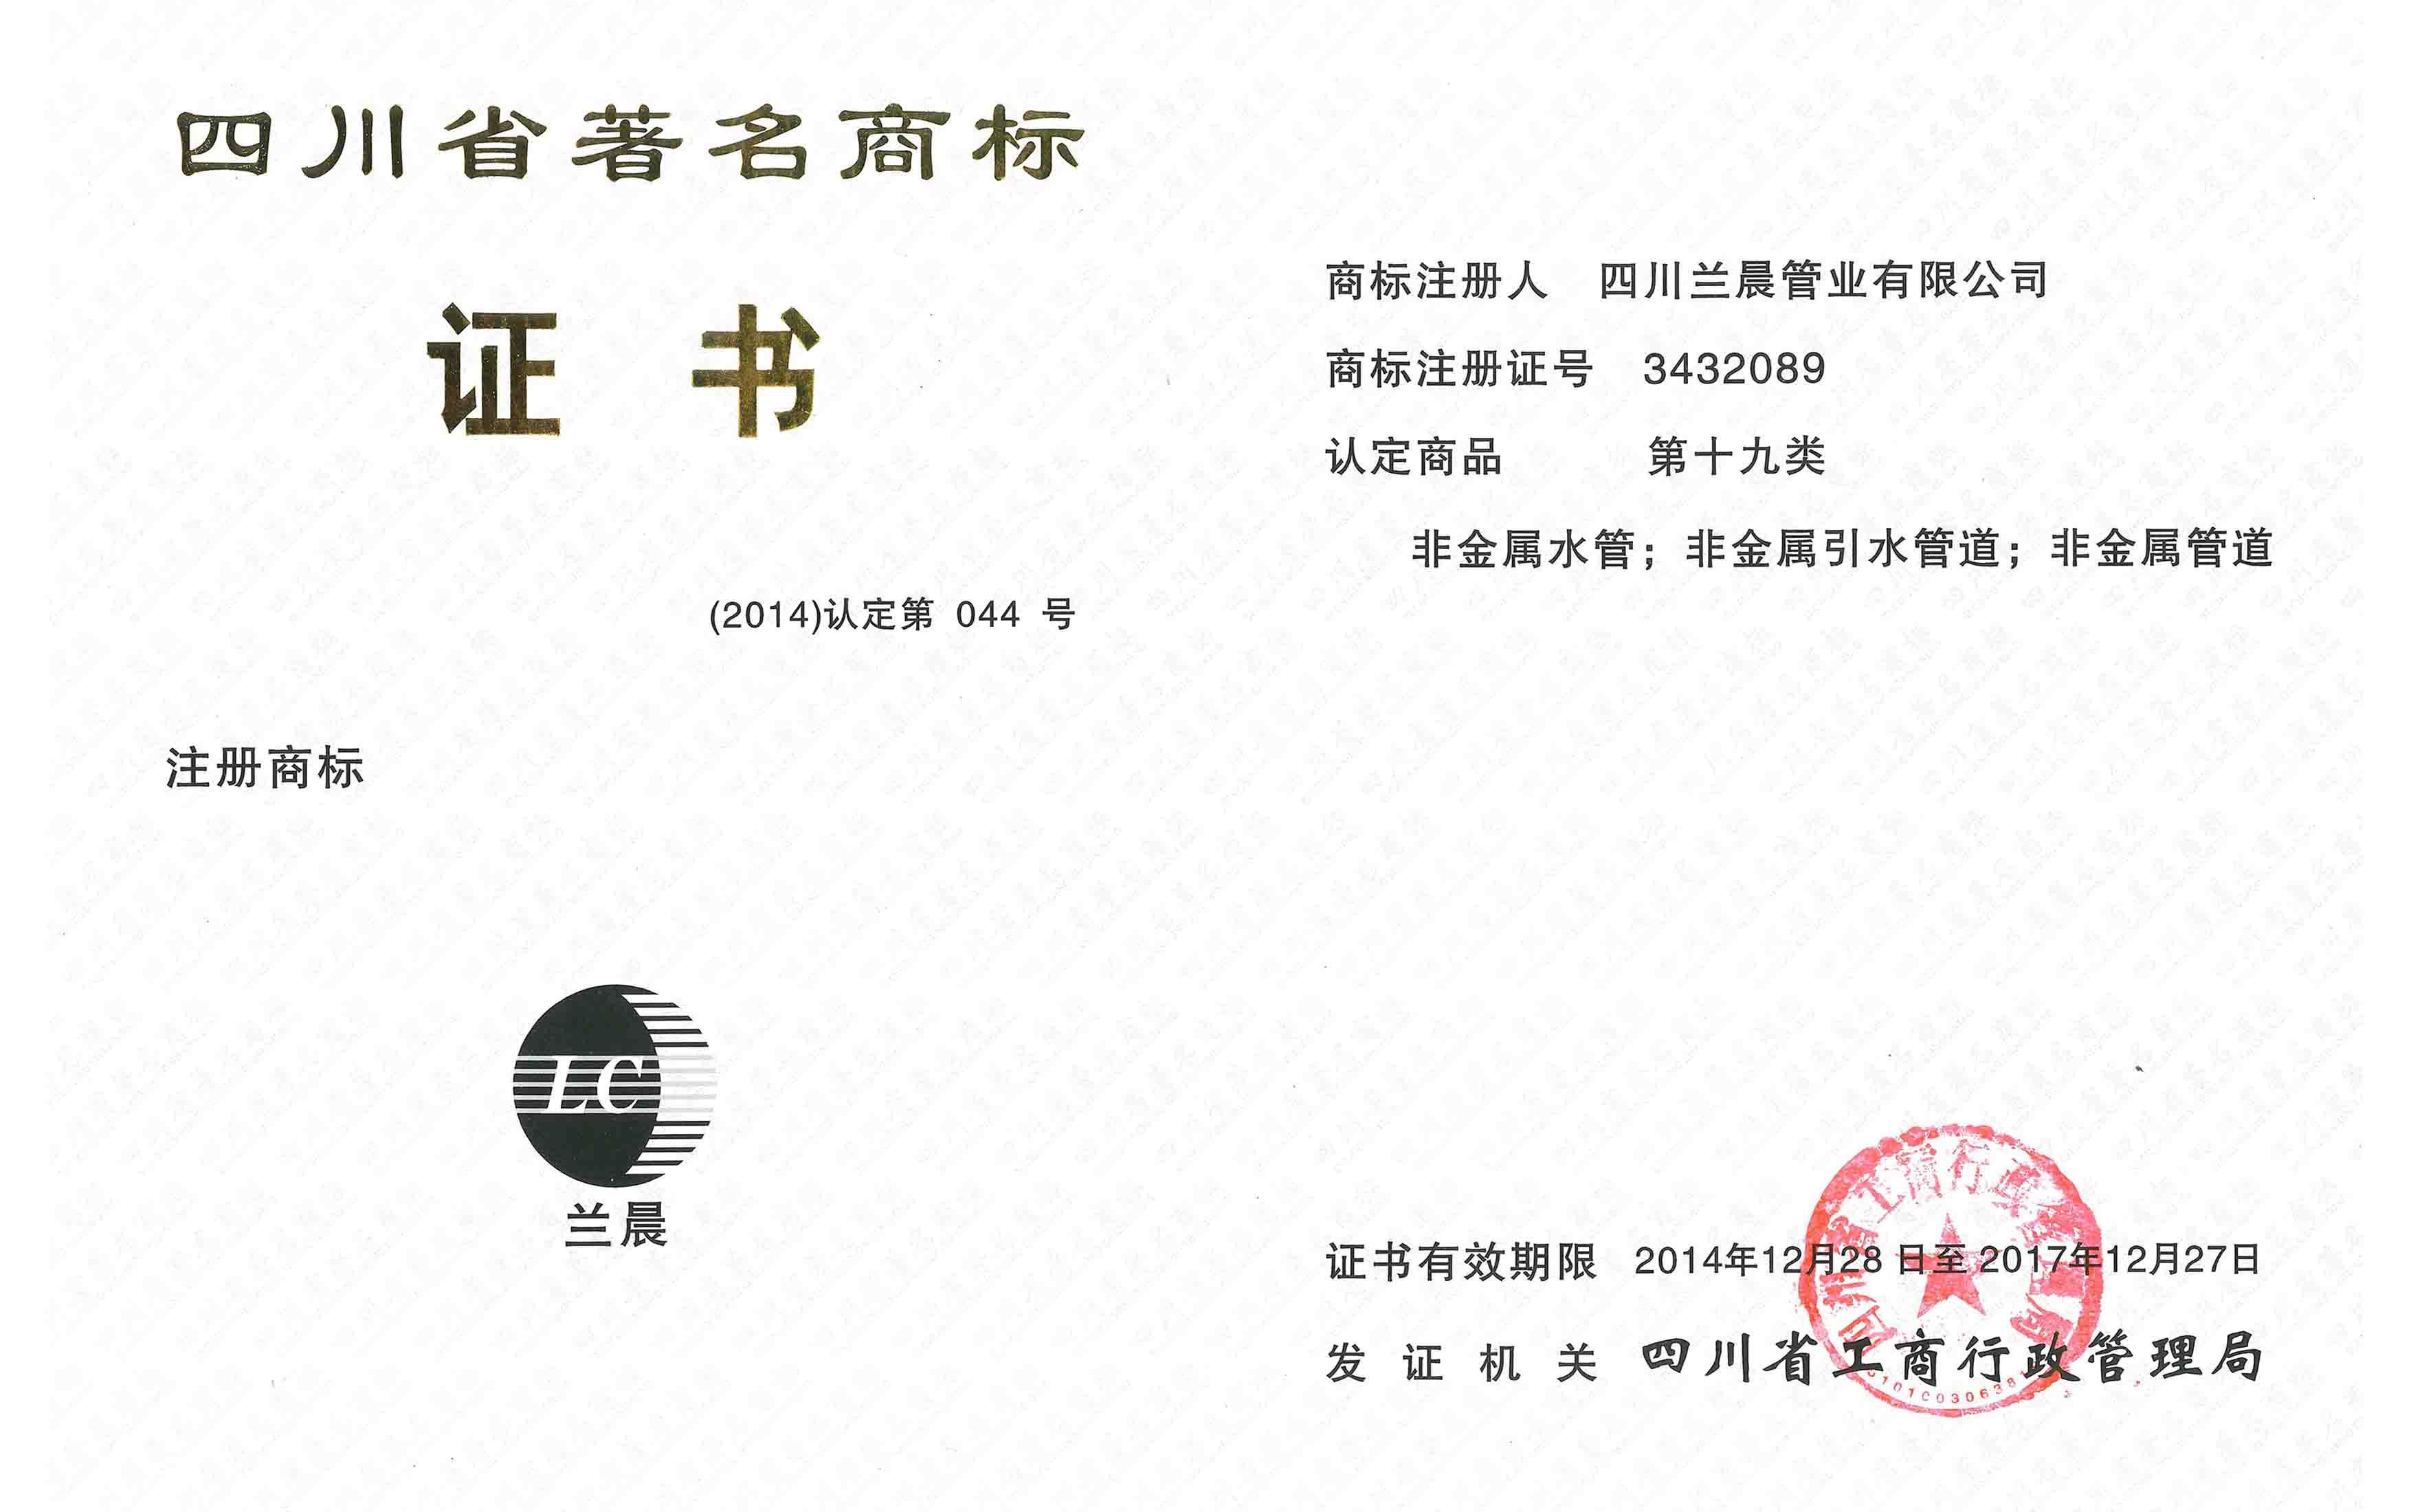 四川省著 名商标